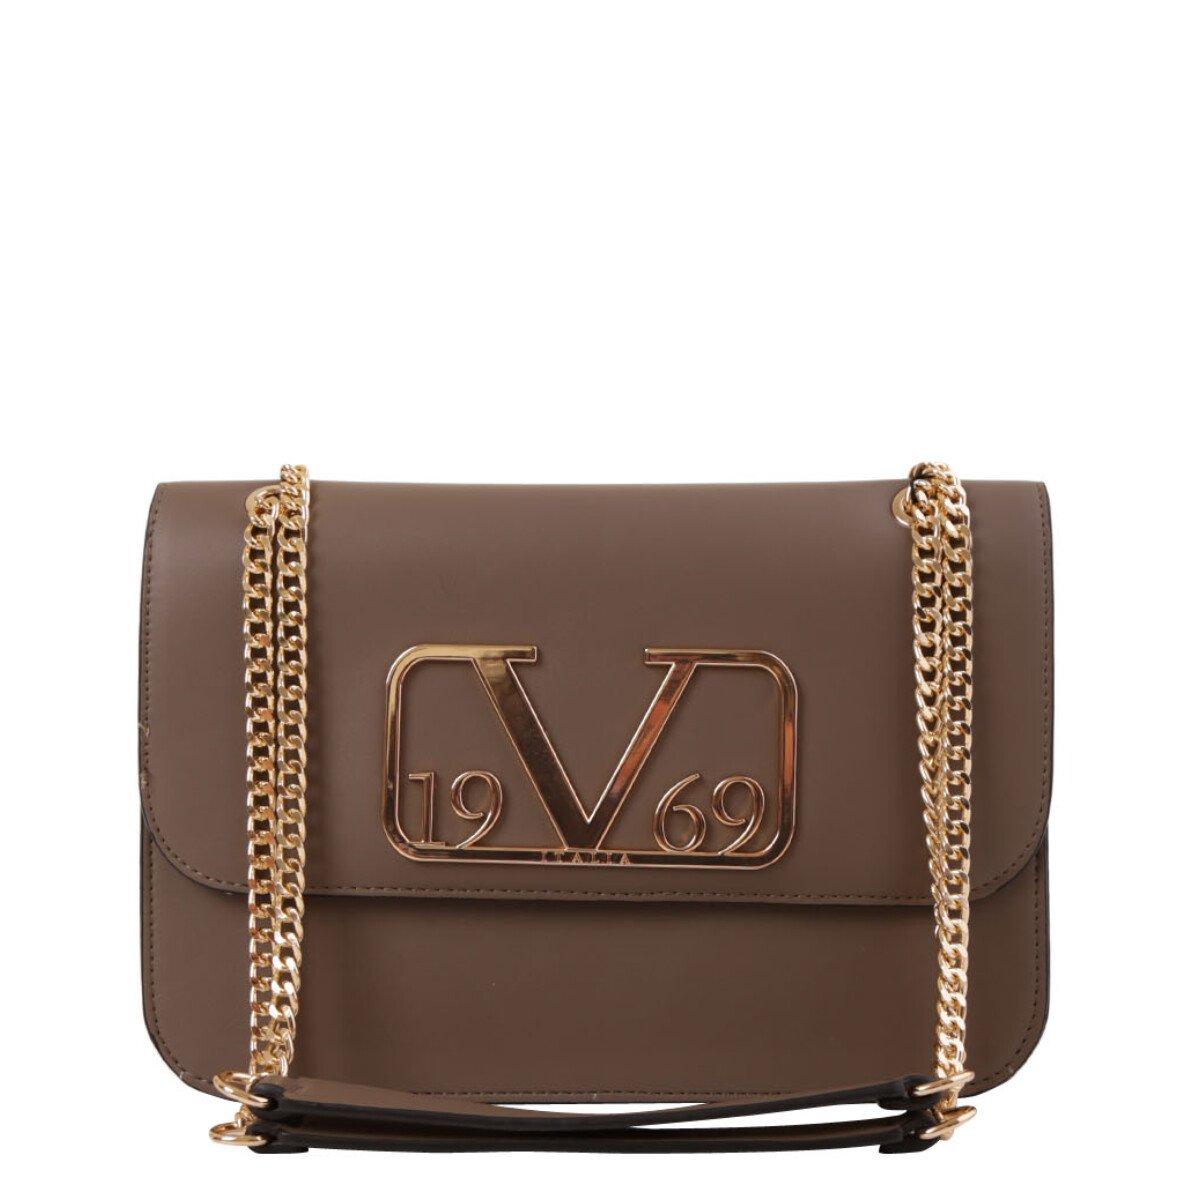 19v69 Italia Women's Handbag Various Colours 318965 - beige UNICA